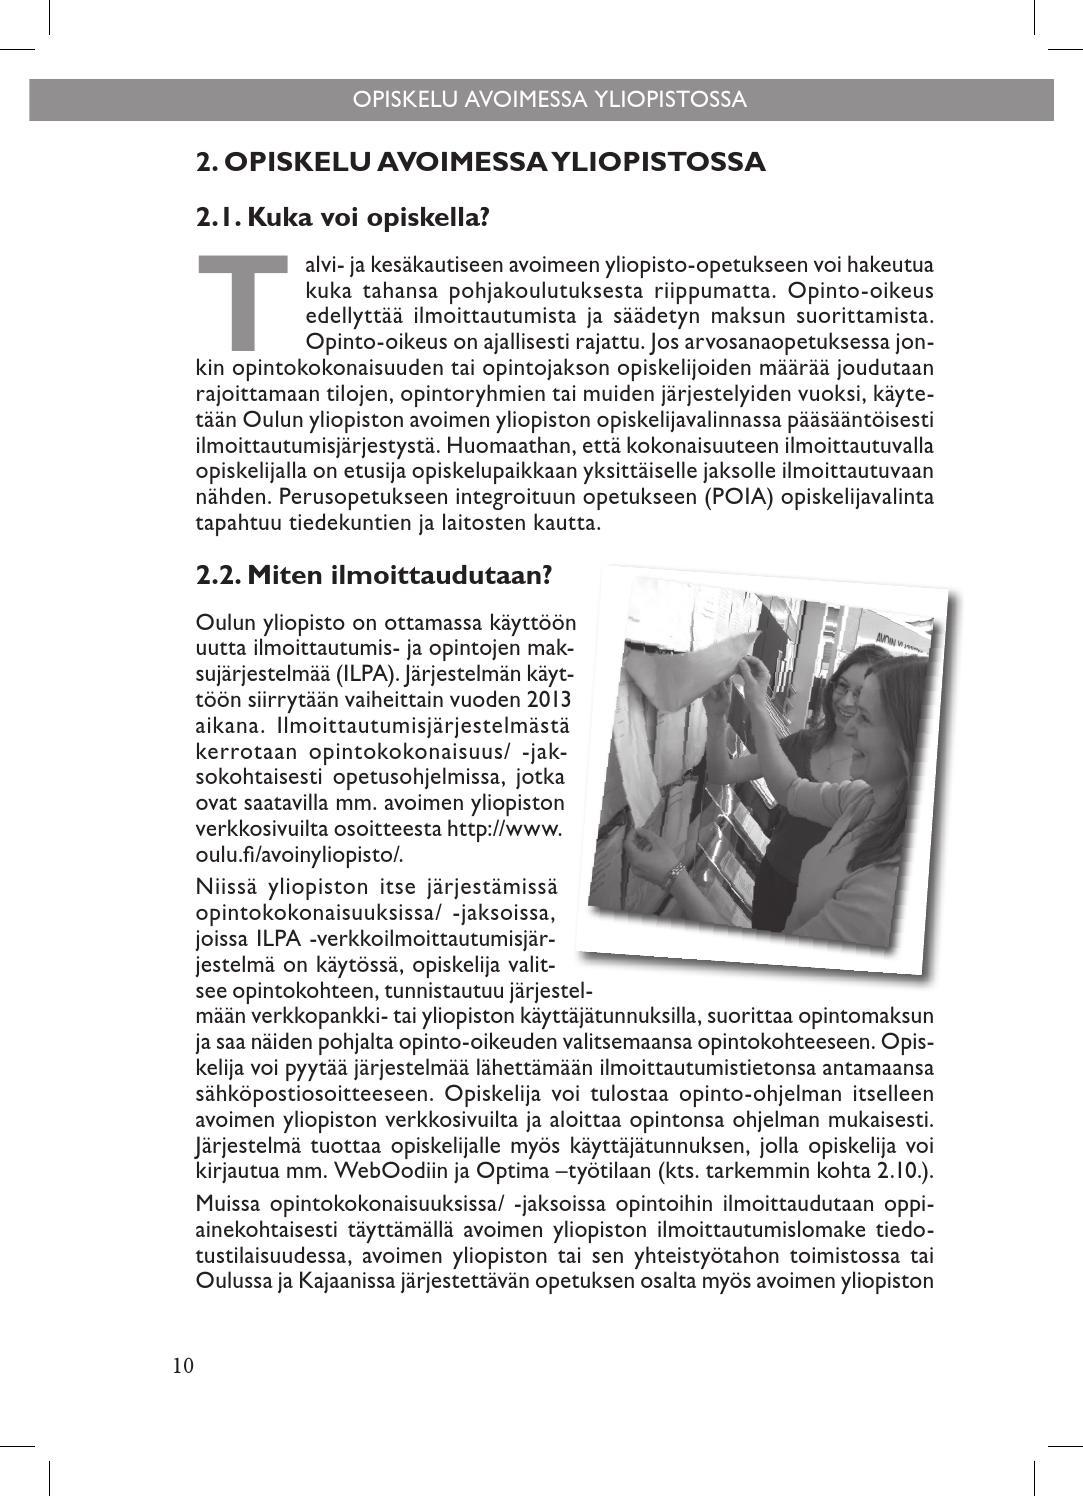 Oulun Avoin Yliopisto